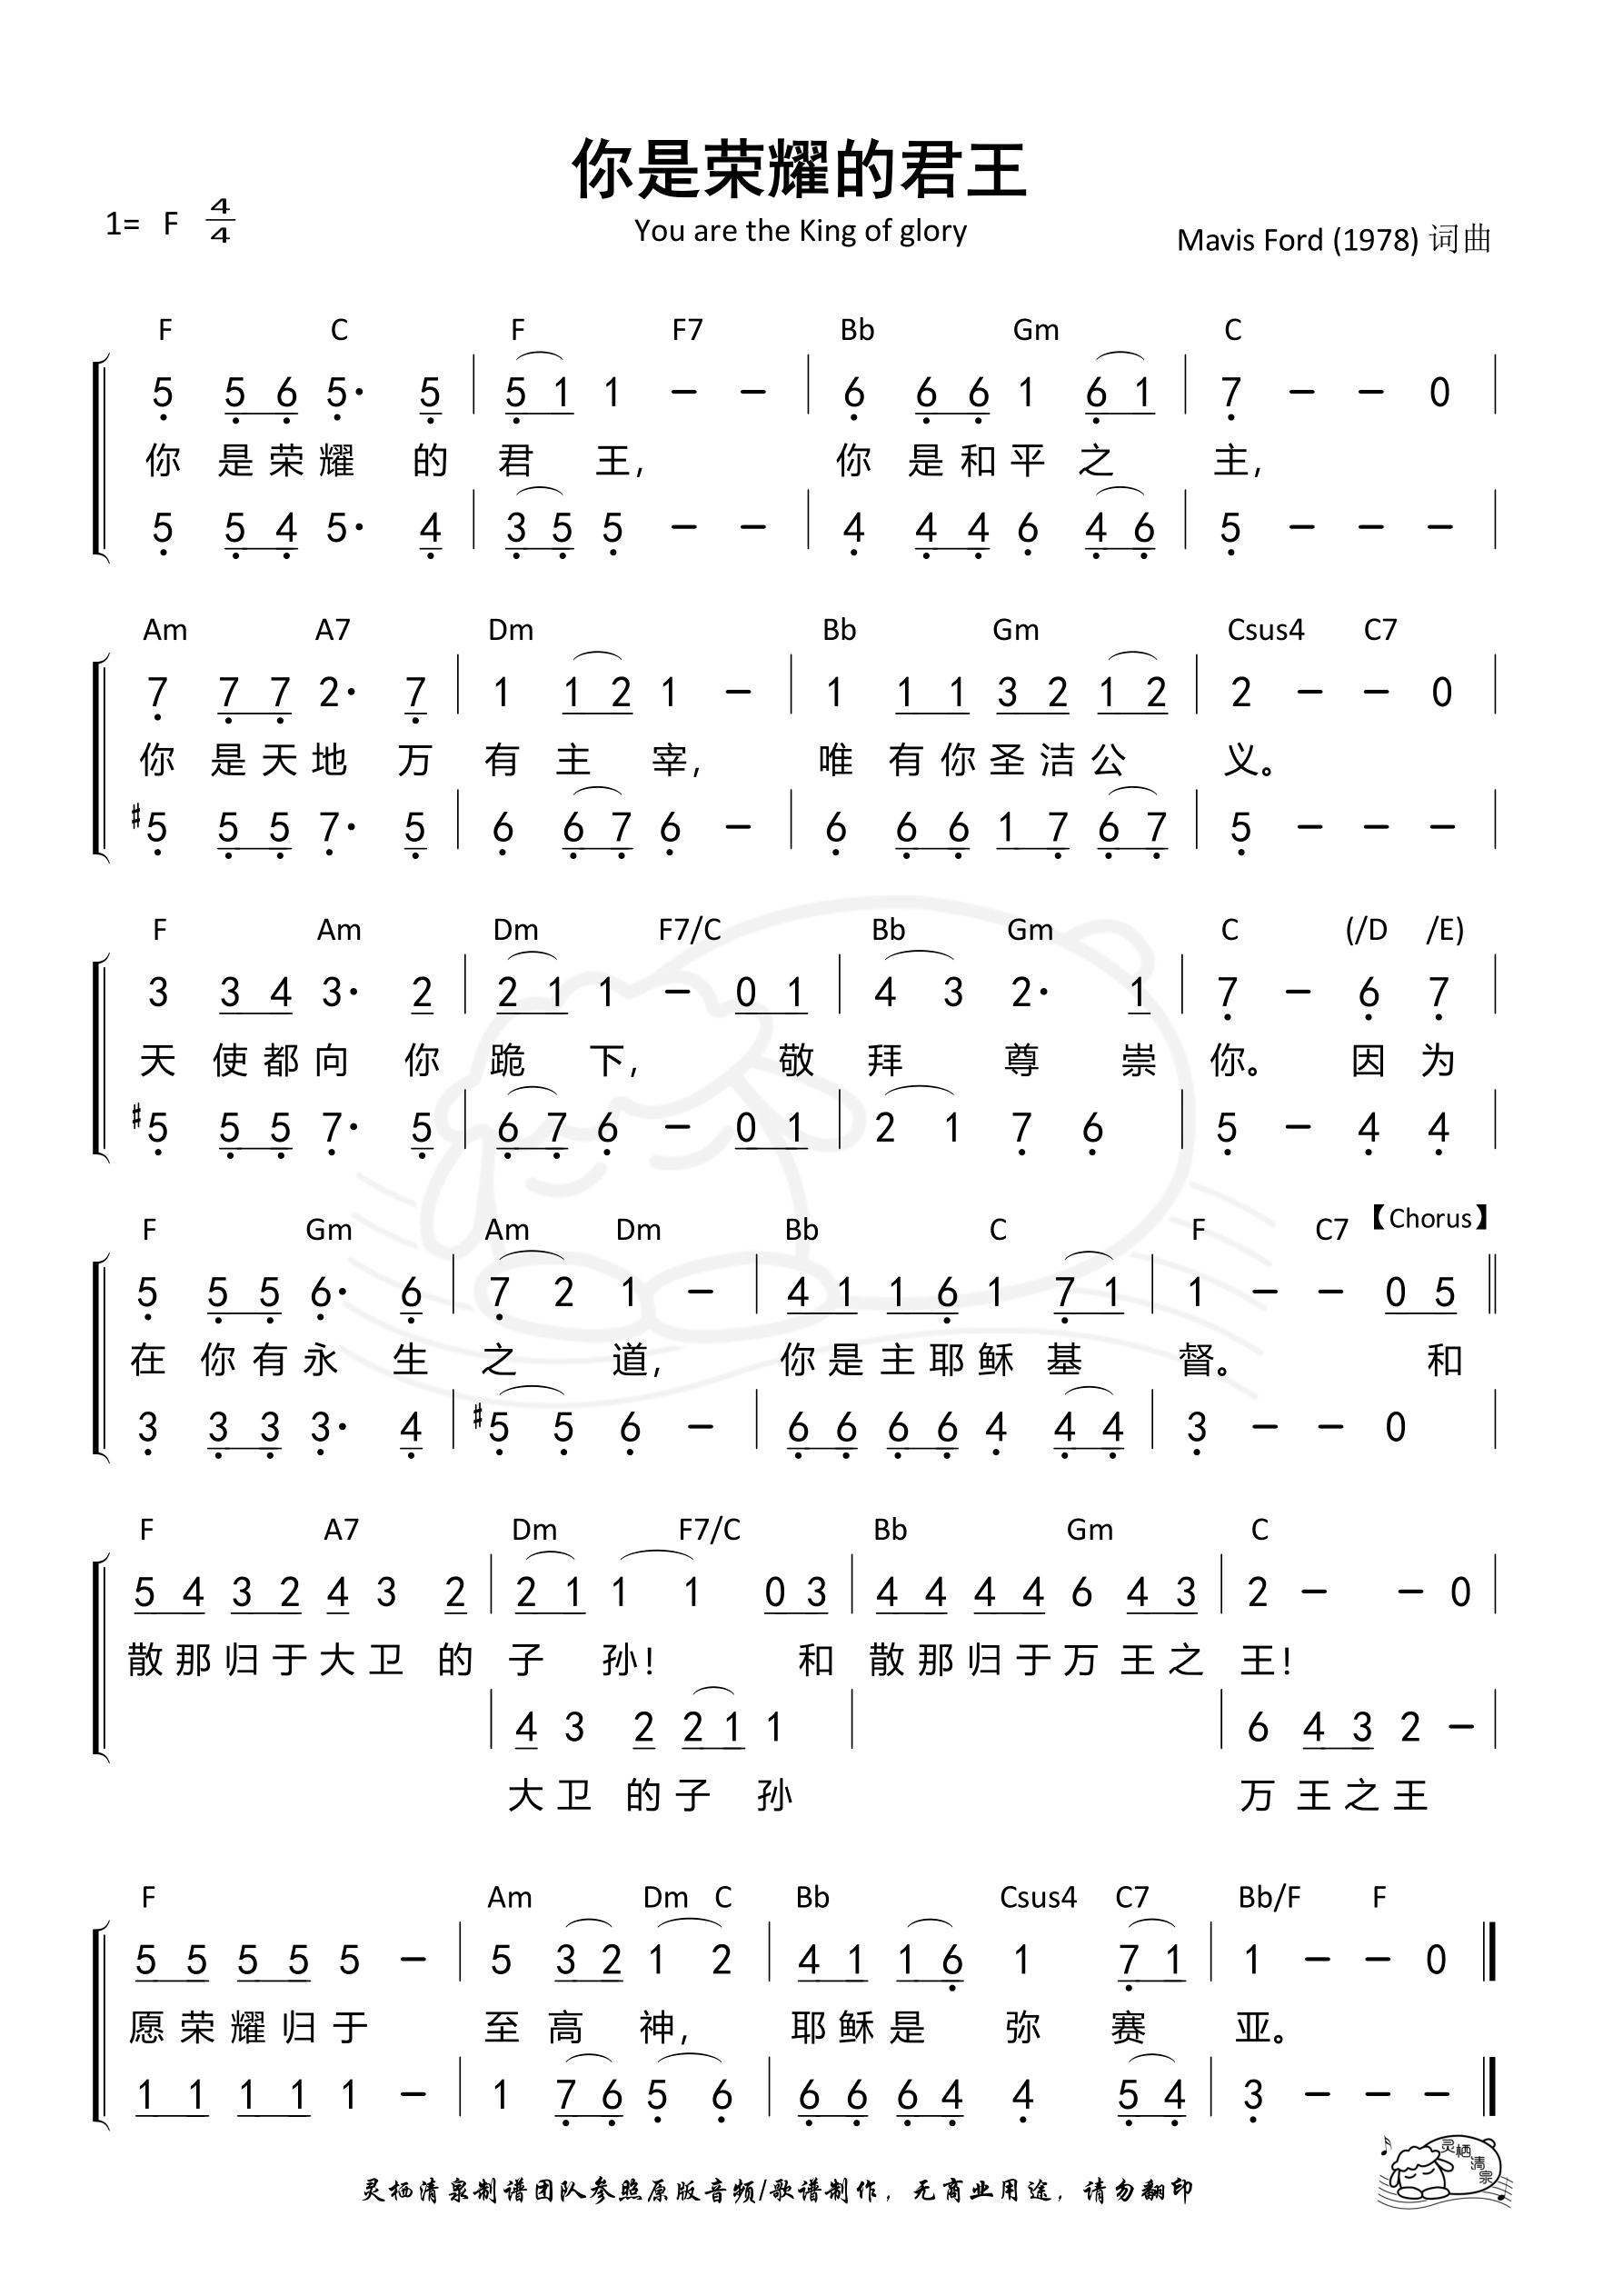 《第865首 - 你是荣耀的君王合唱谱 和弦简谱》